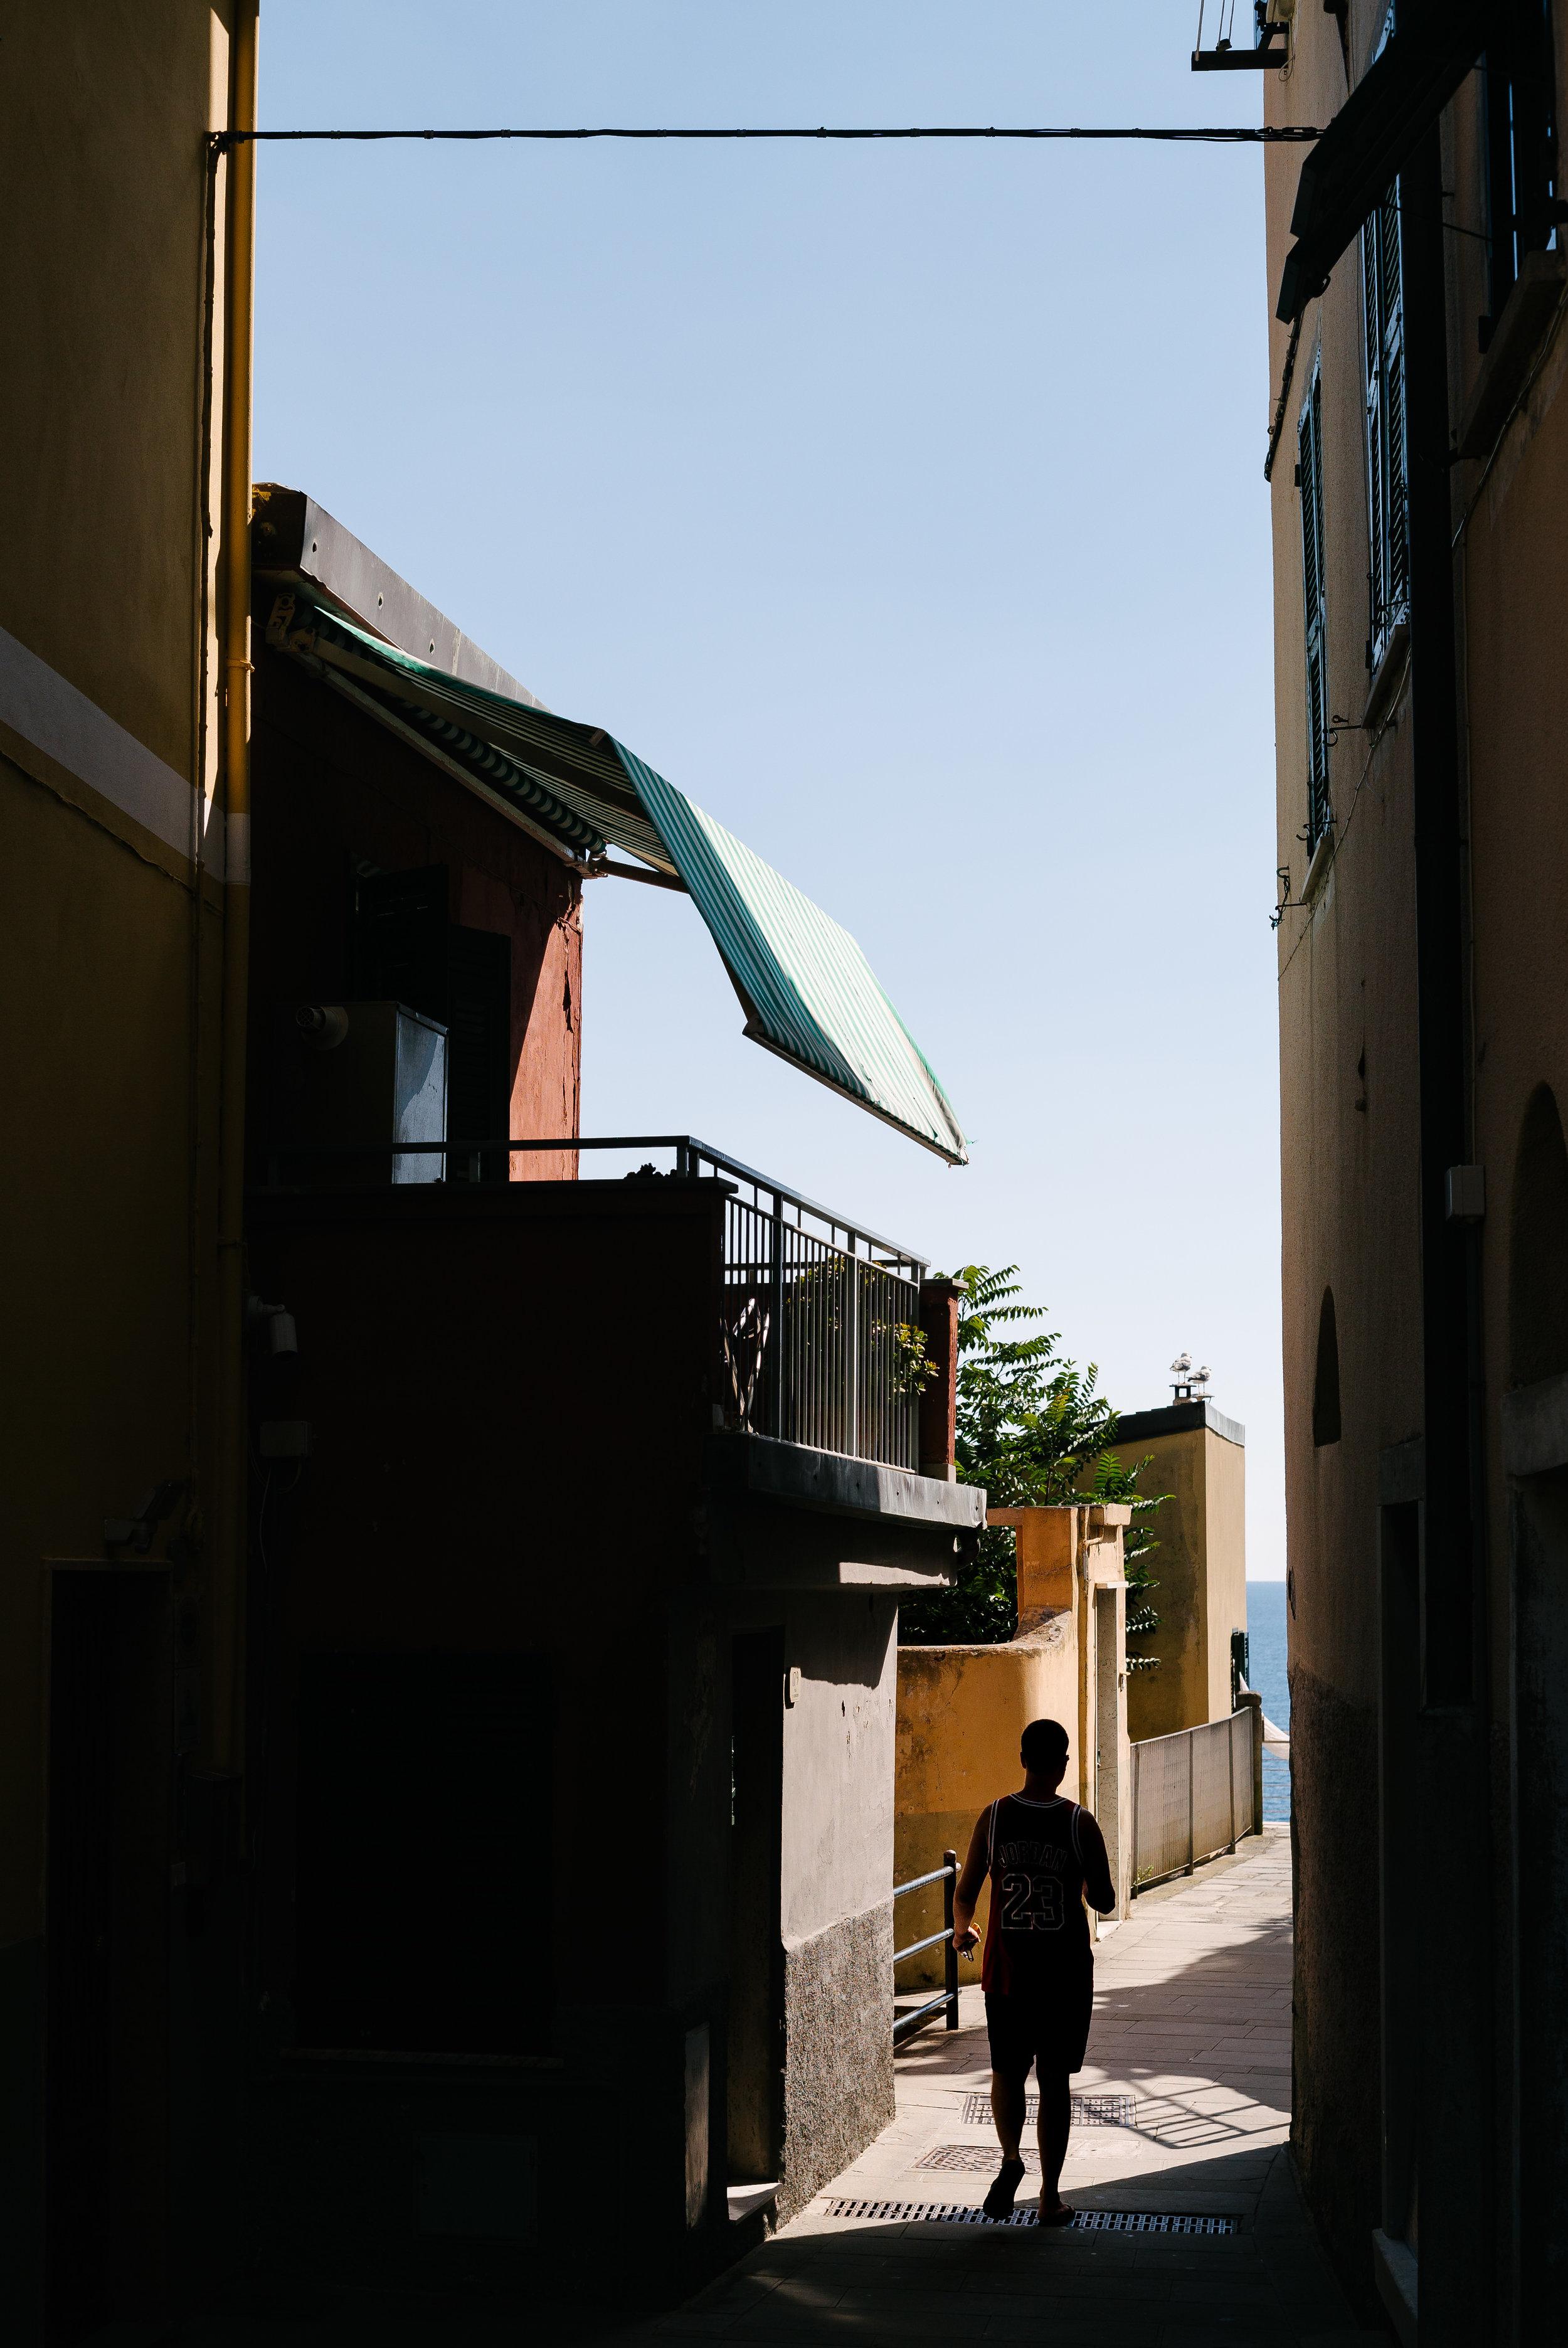 Riomaggiore - Clifford Darby 2018